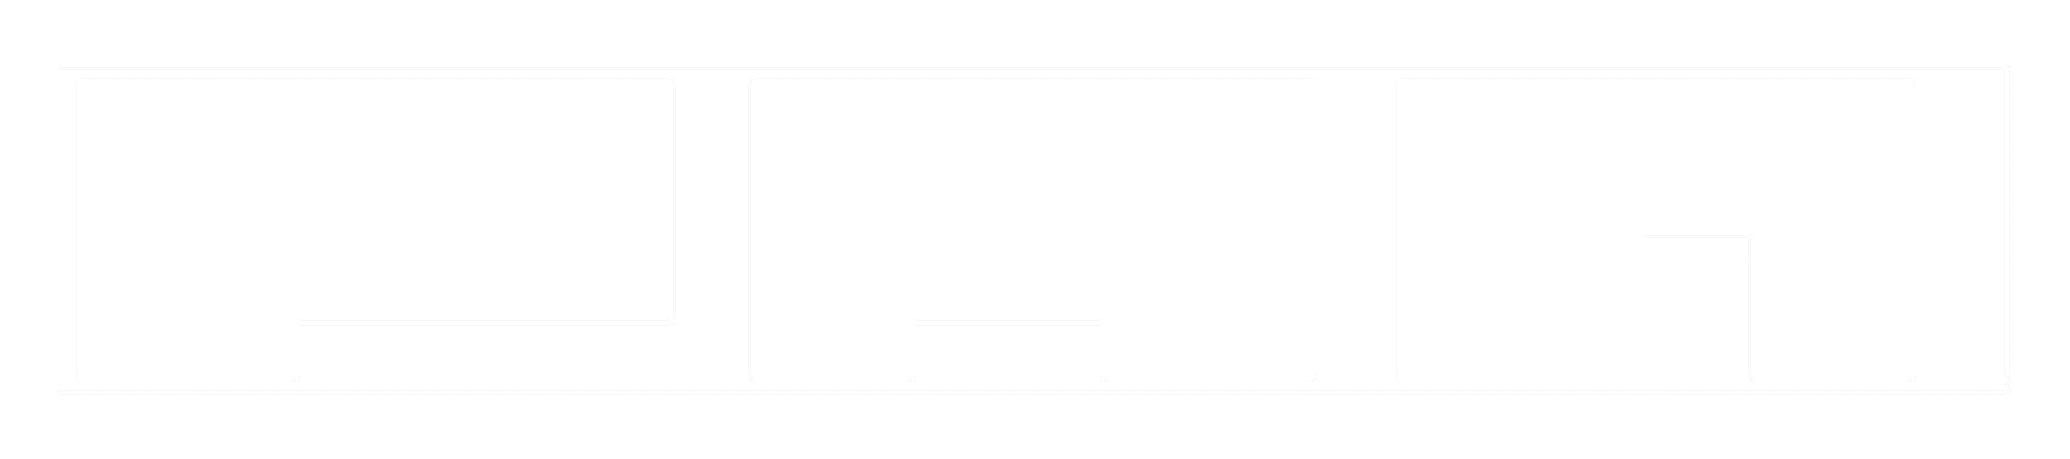 HQ SAMSUNG AUSTRIA Logo